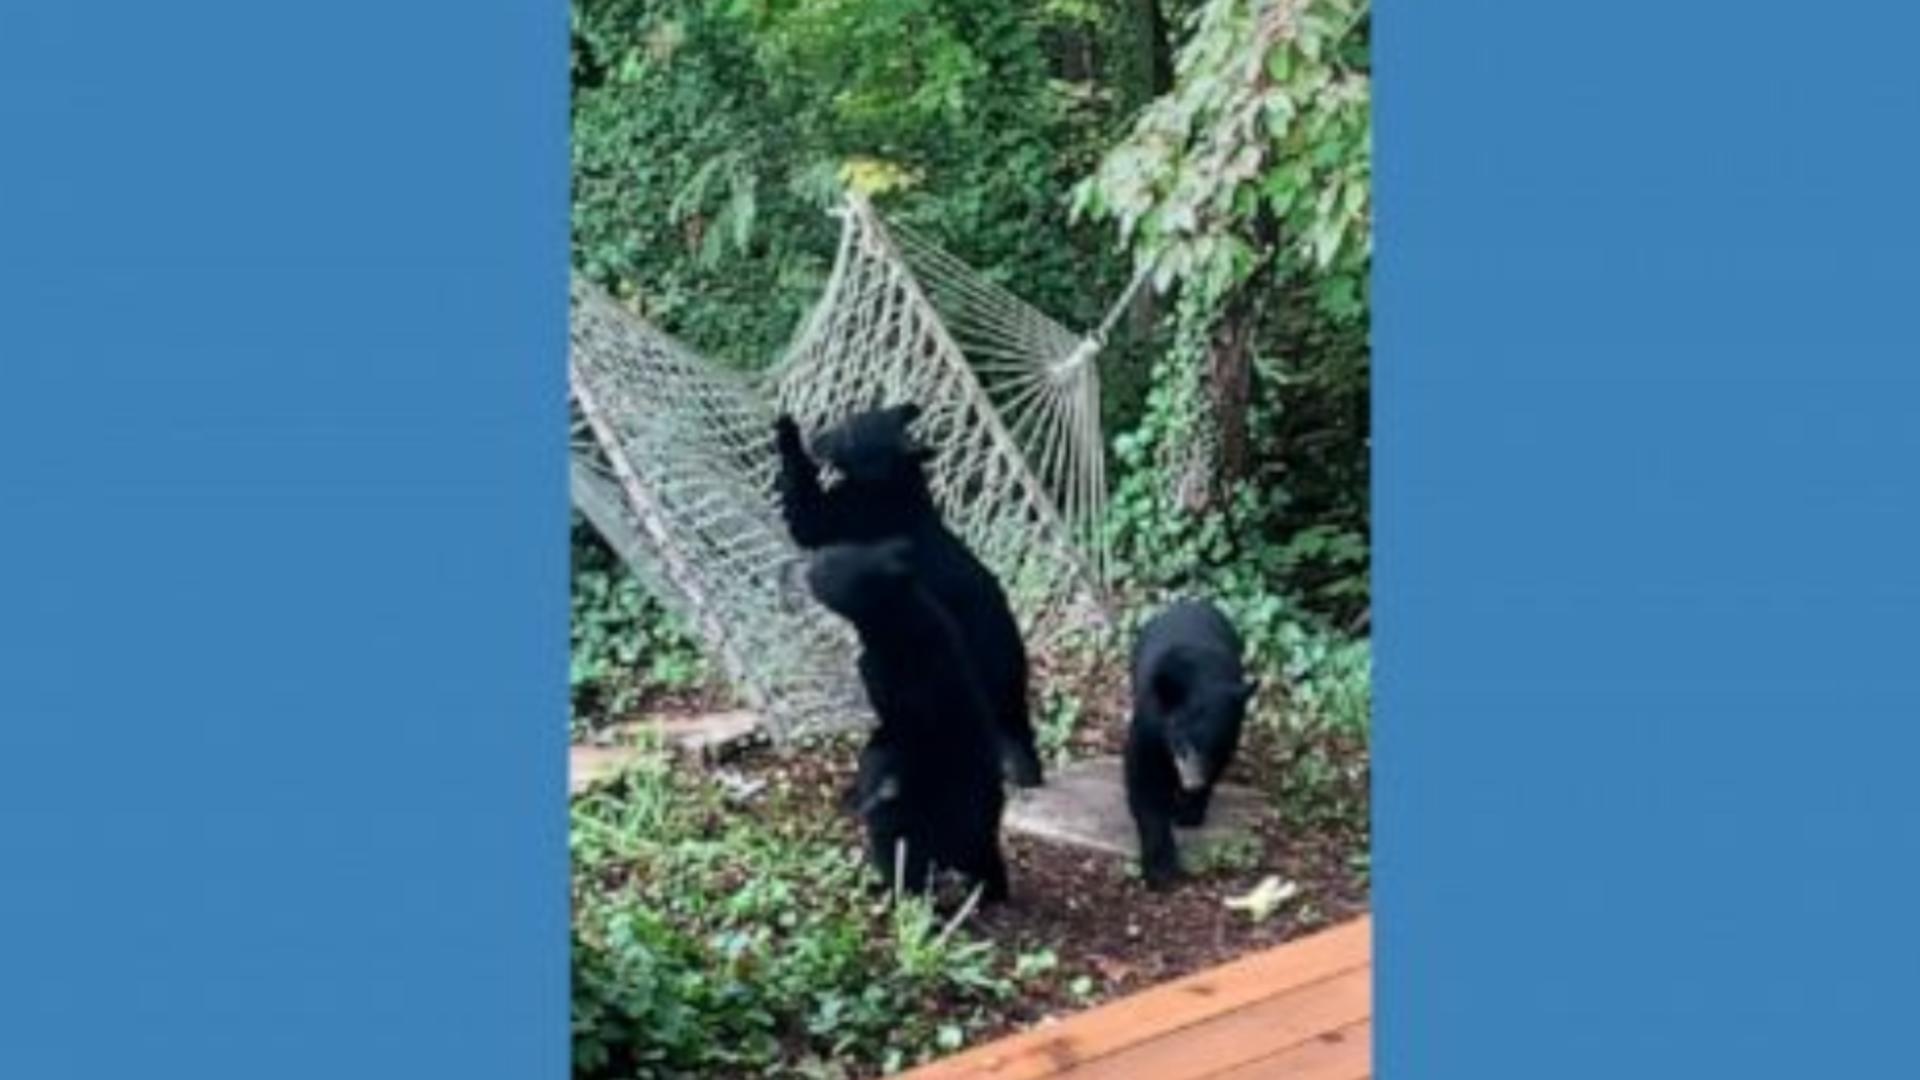 Cum s-au distrat trei ursuleți jucăuși într-un hamac - IMAGINI virale